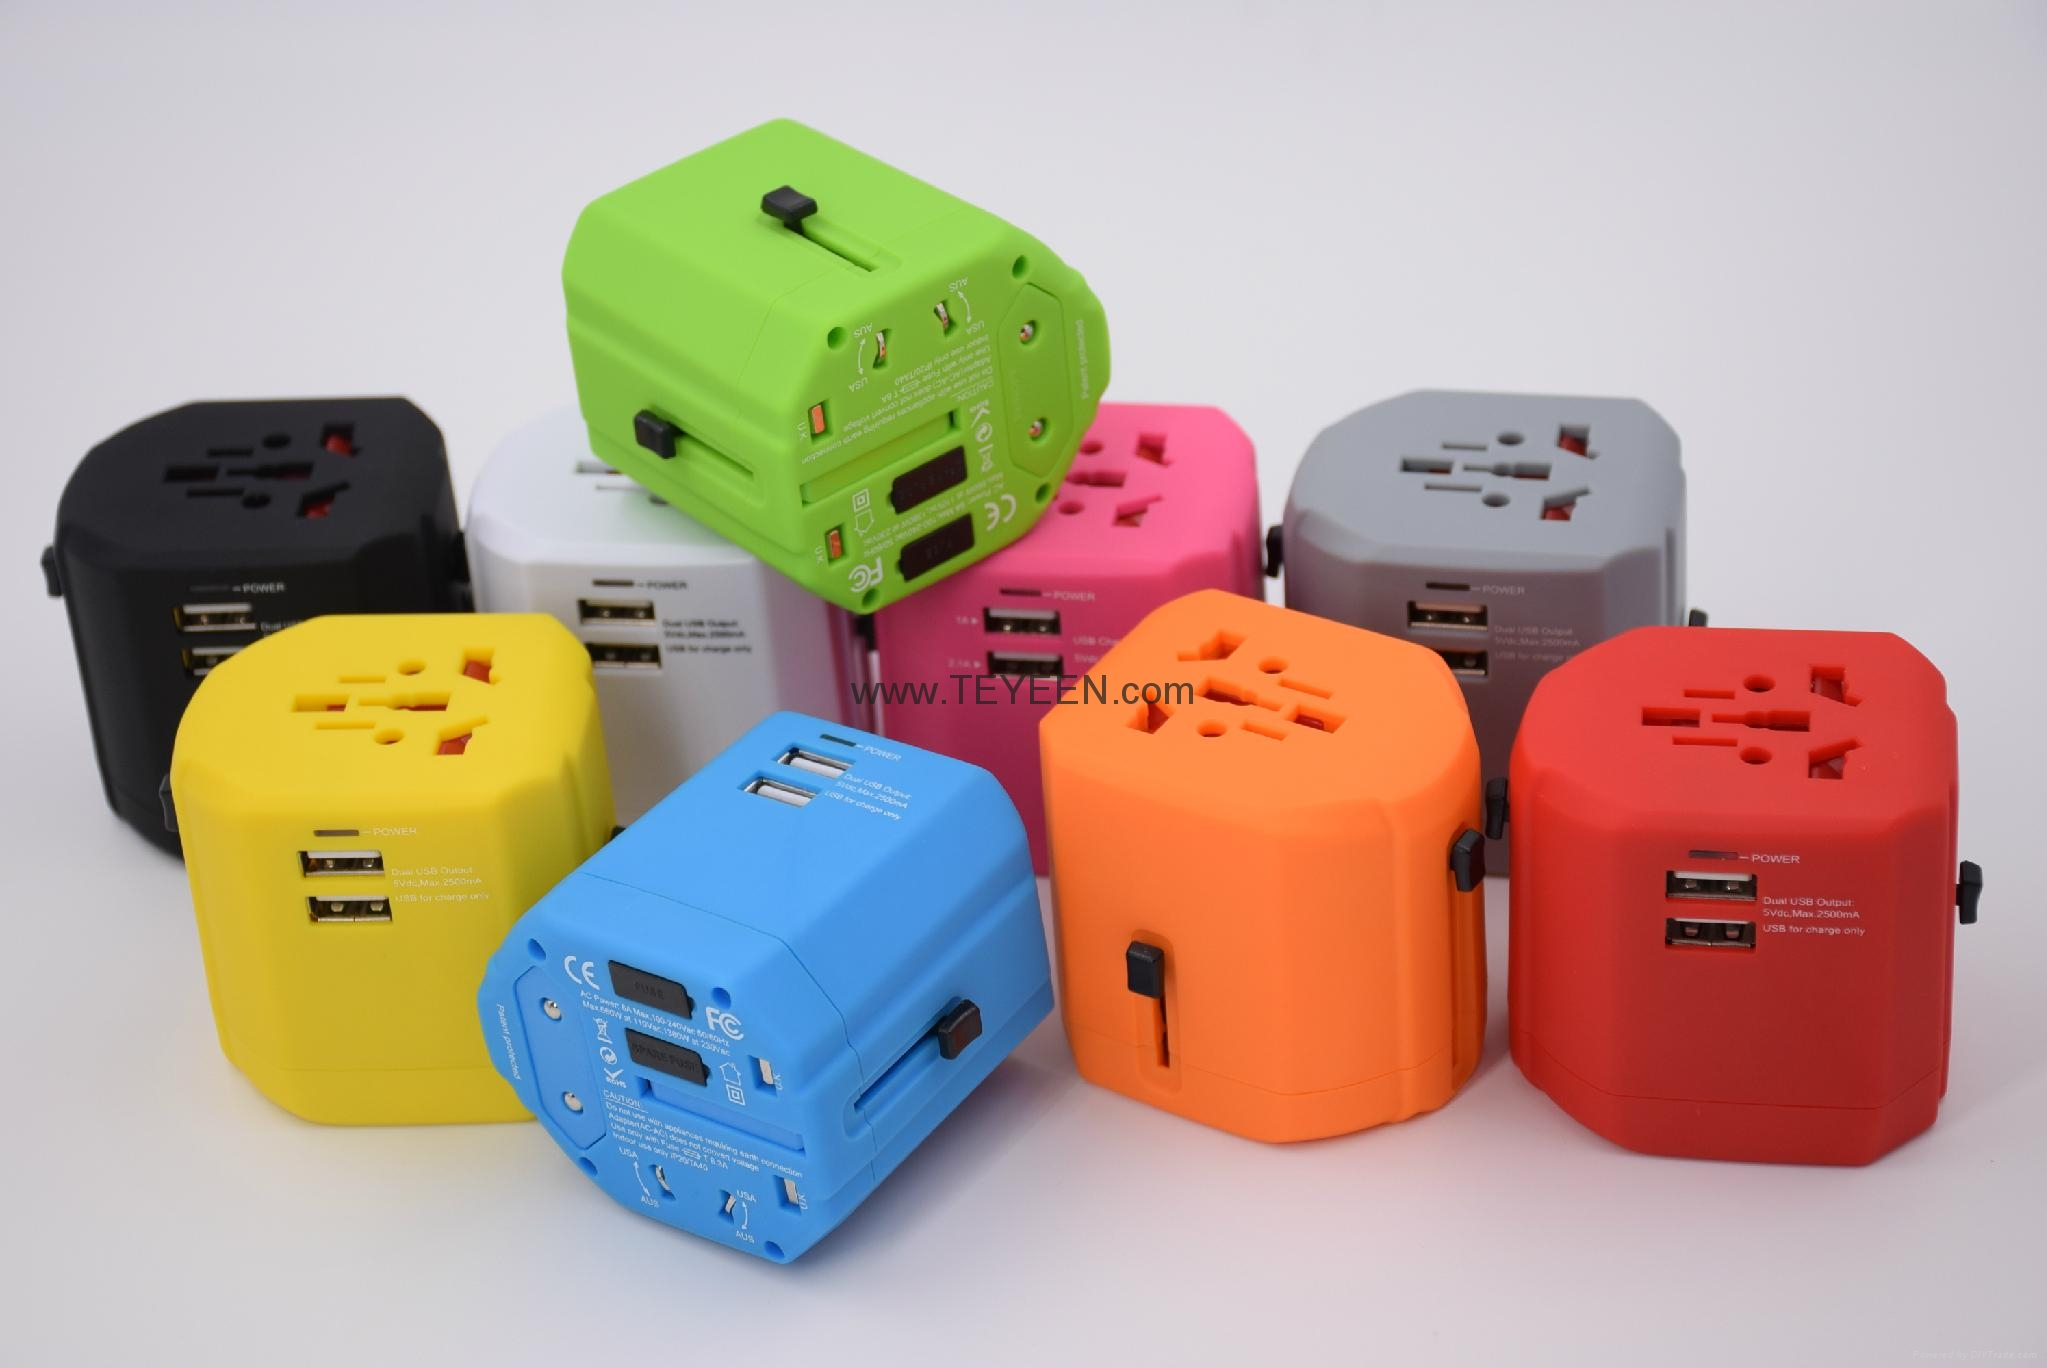 經典款雙USB多功能插頭  DY-019 18